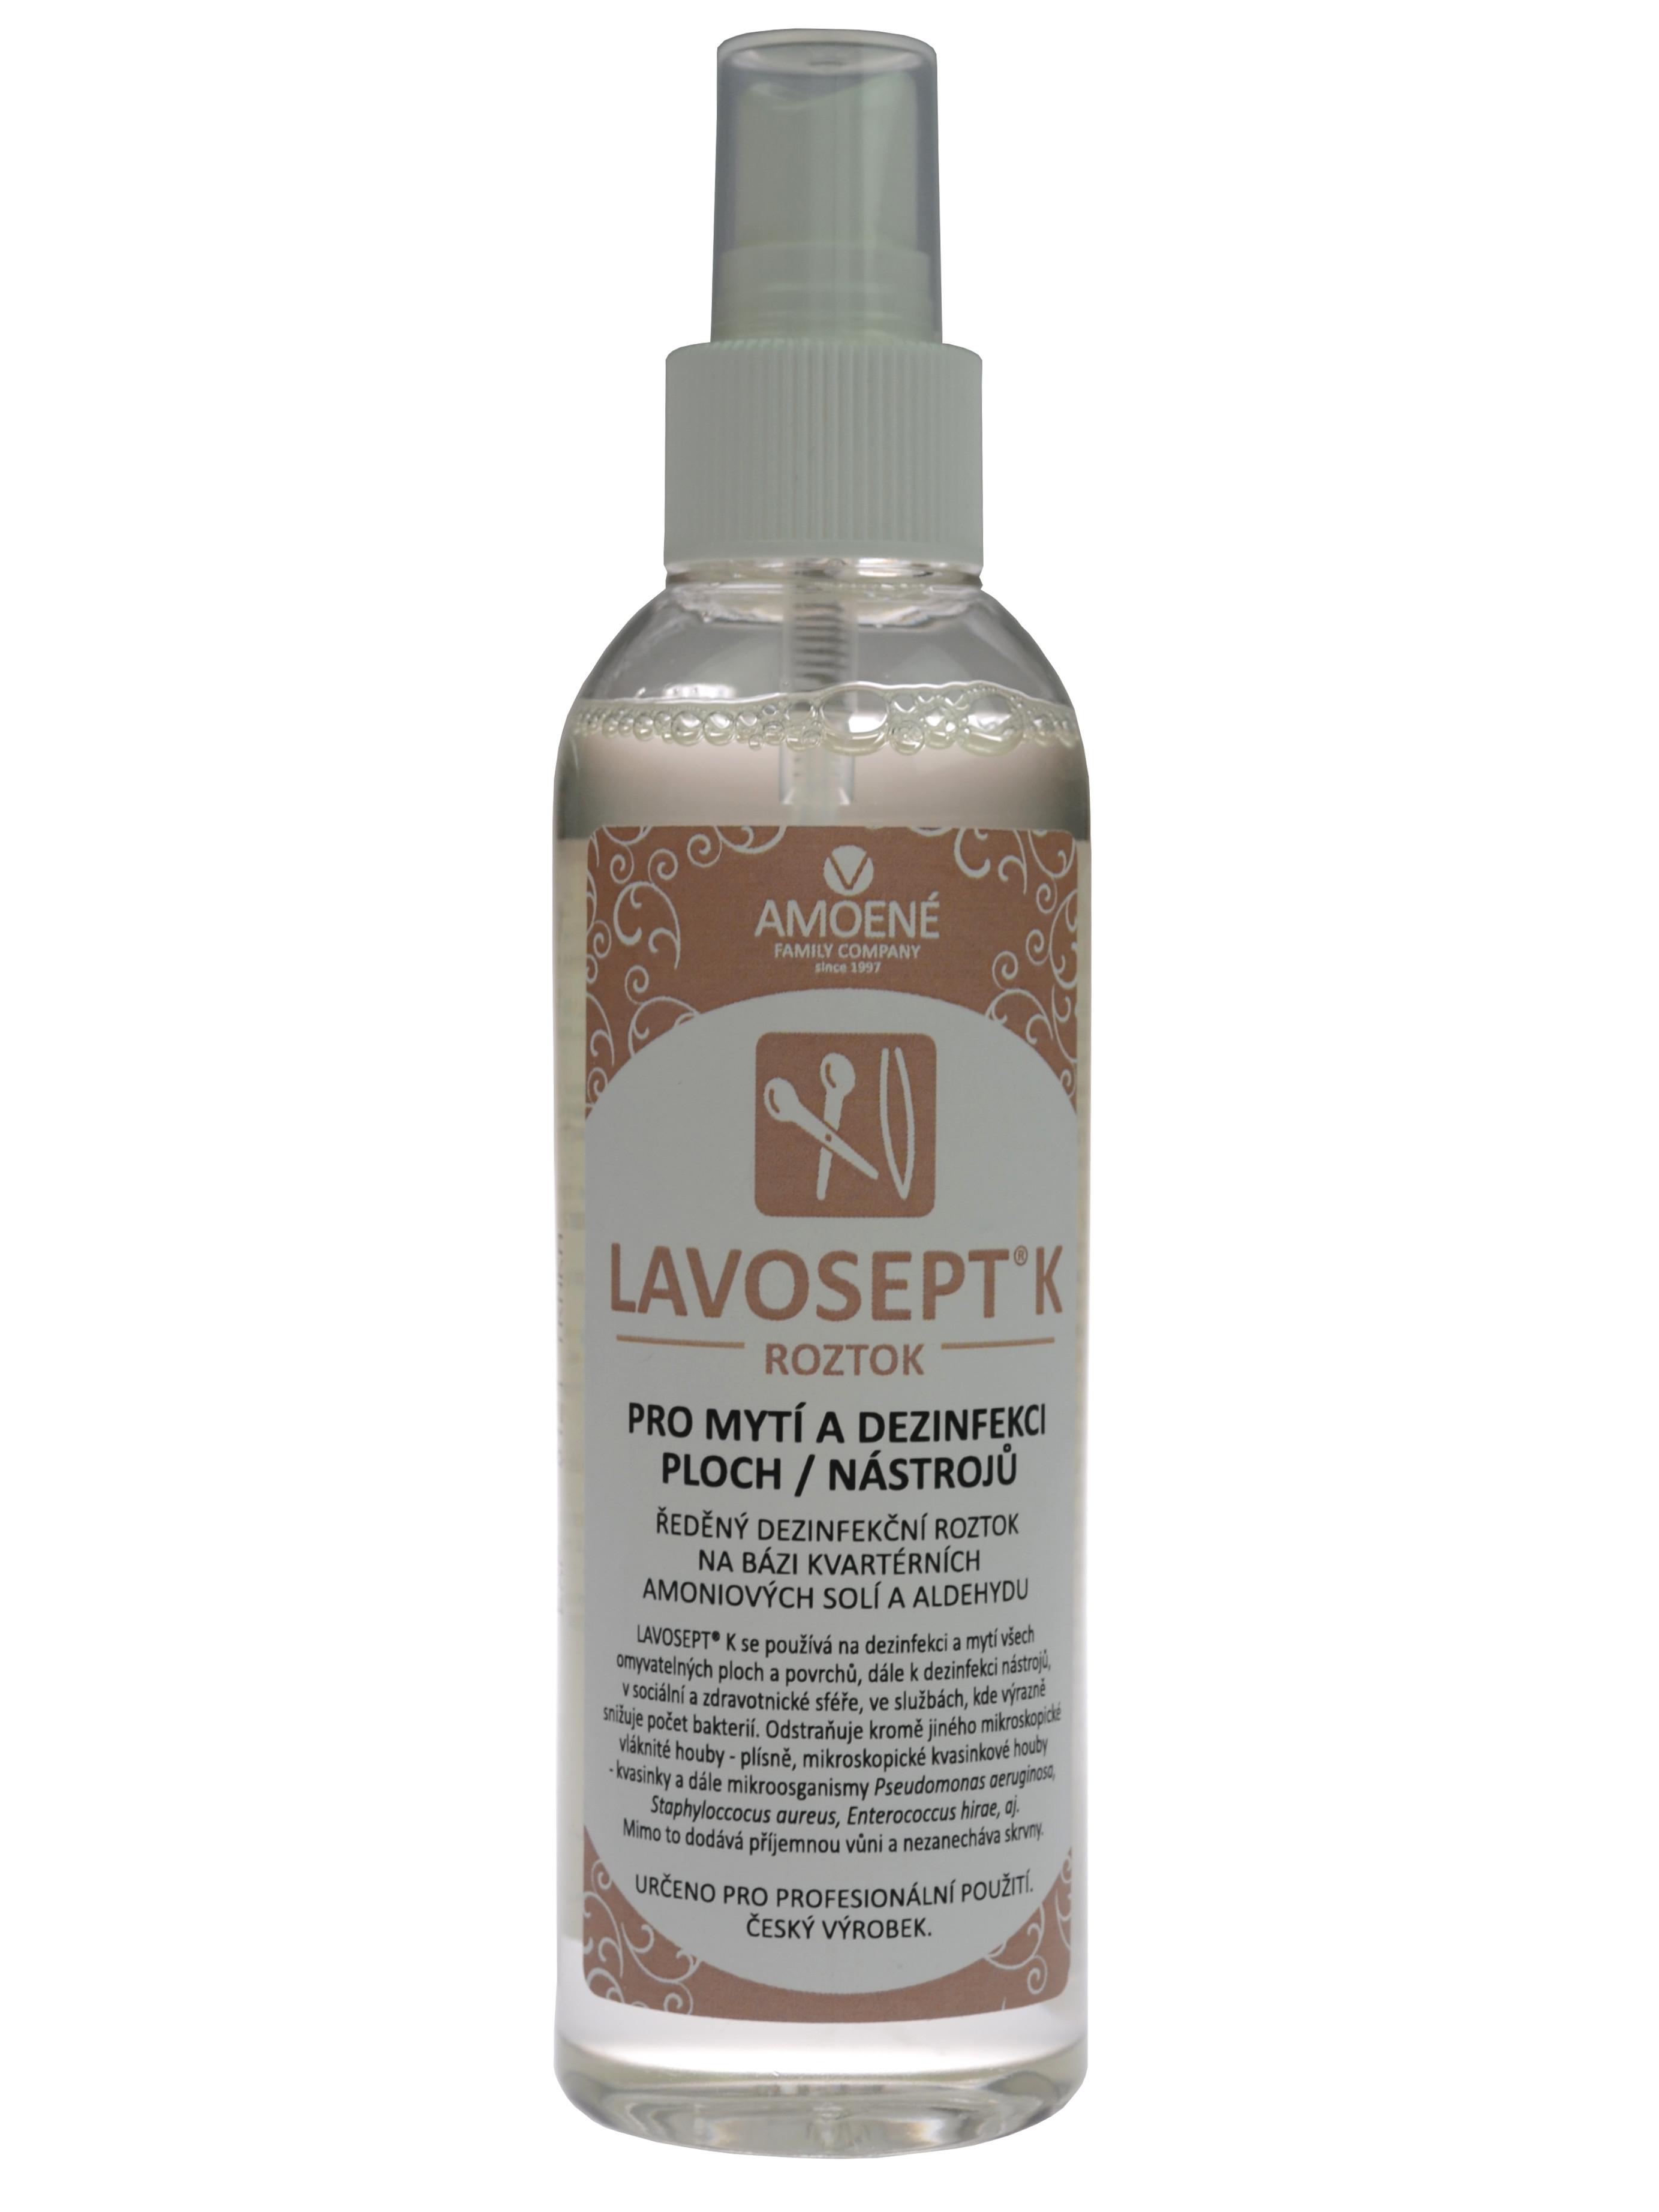 Dezinfekce nástrojů a ploch ve spreji Amoené Lavosept - trnka - 200 ml (0132T2M200)